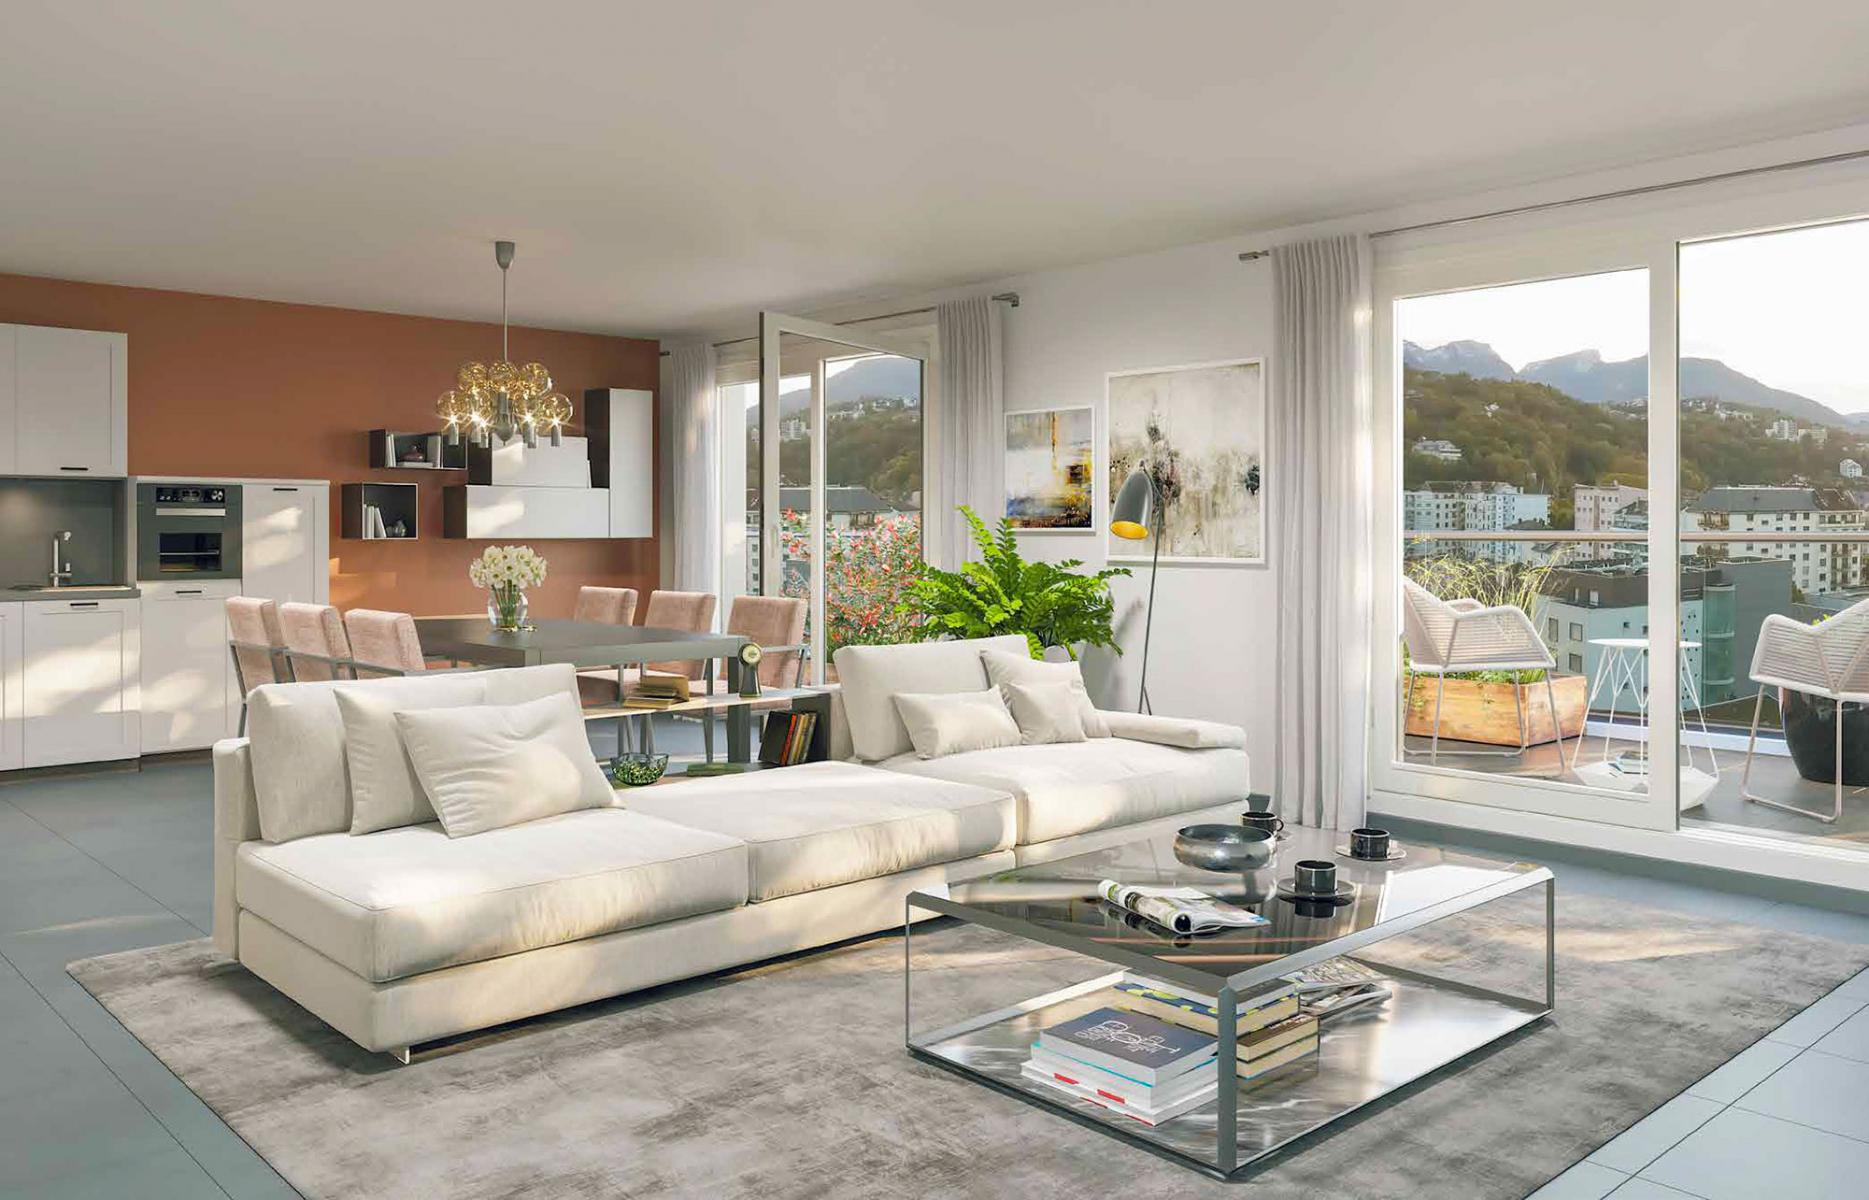 Programme immobilier Chambery (73000) Proche Quai de la Rize ALT35